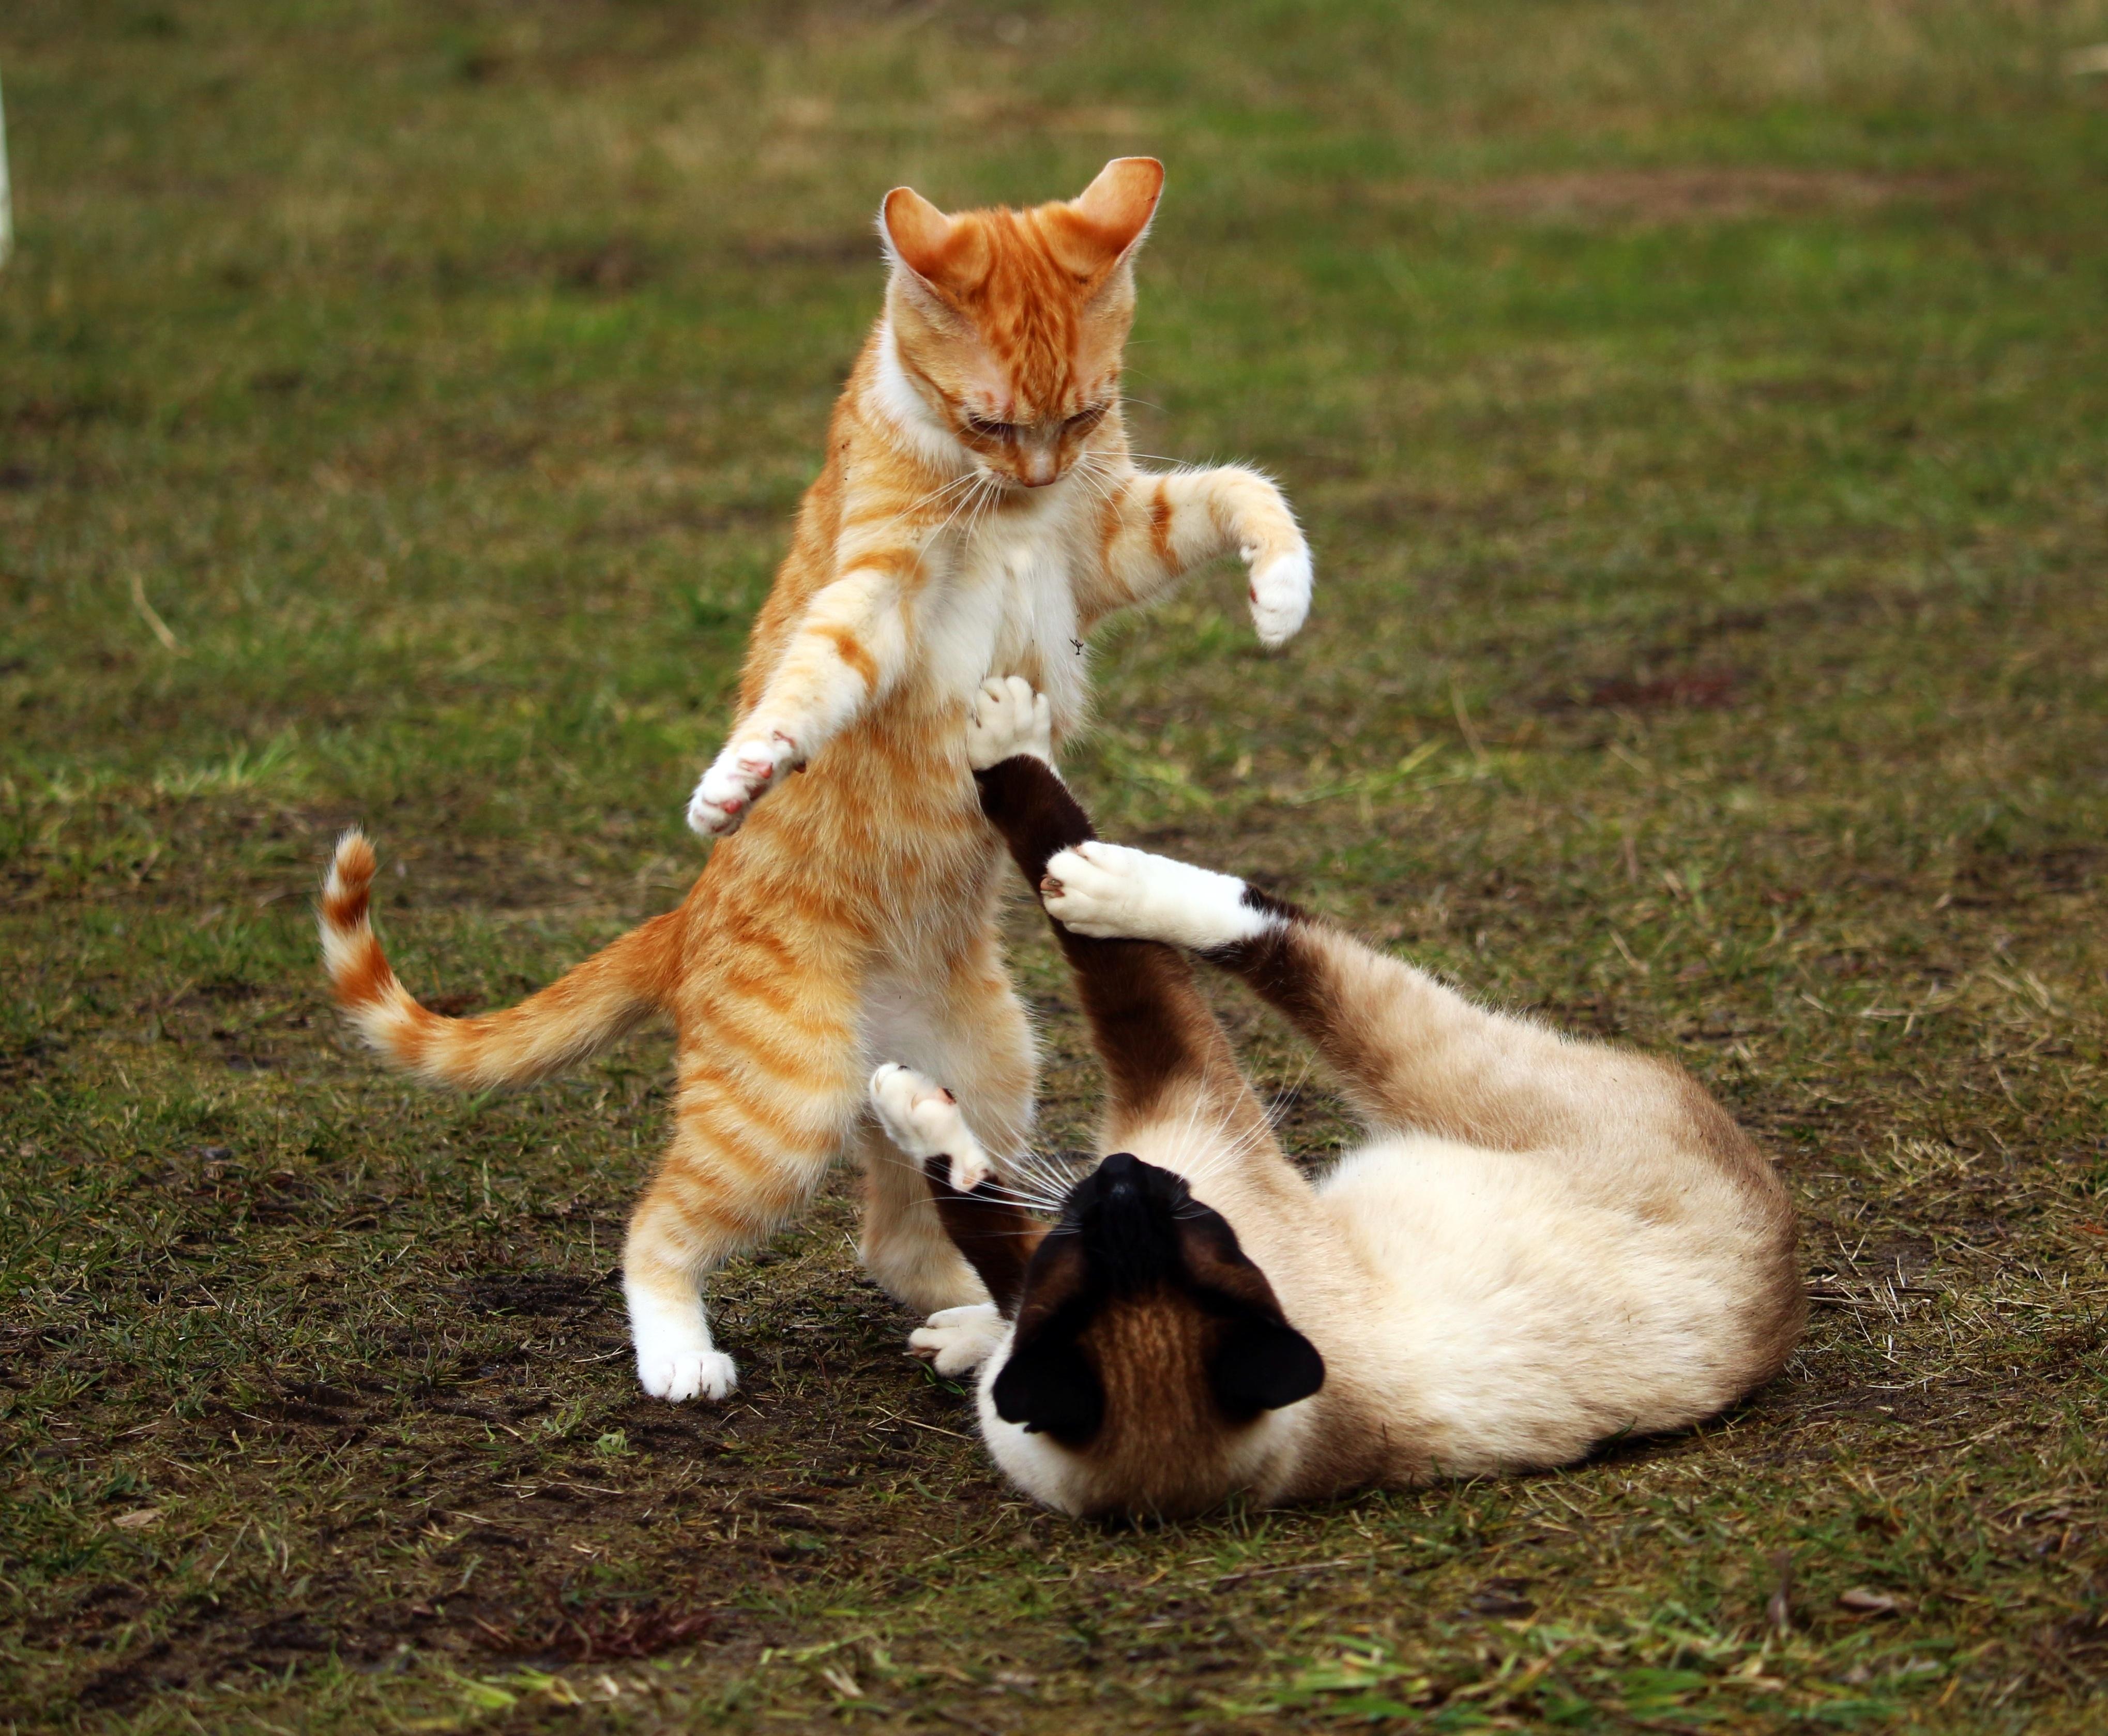 каждым дерущиеся коты фото индийских